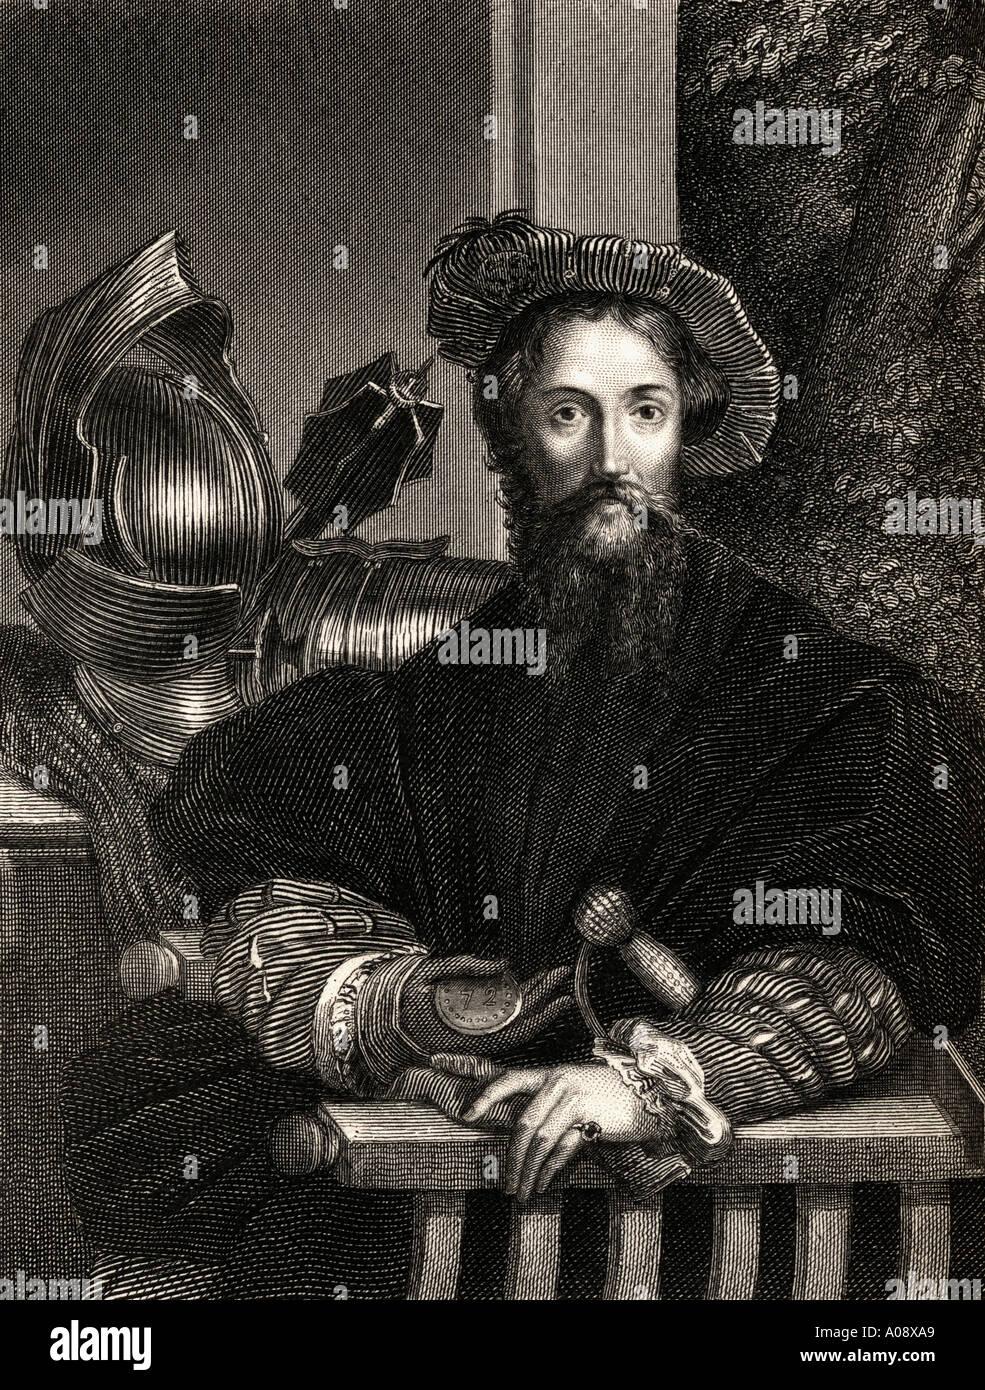 Christopher columbus 1451 1506 italian born spanish financed explorer discoverer of america